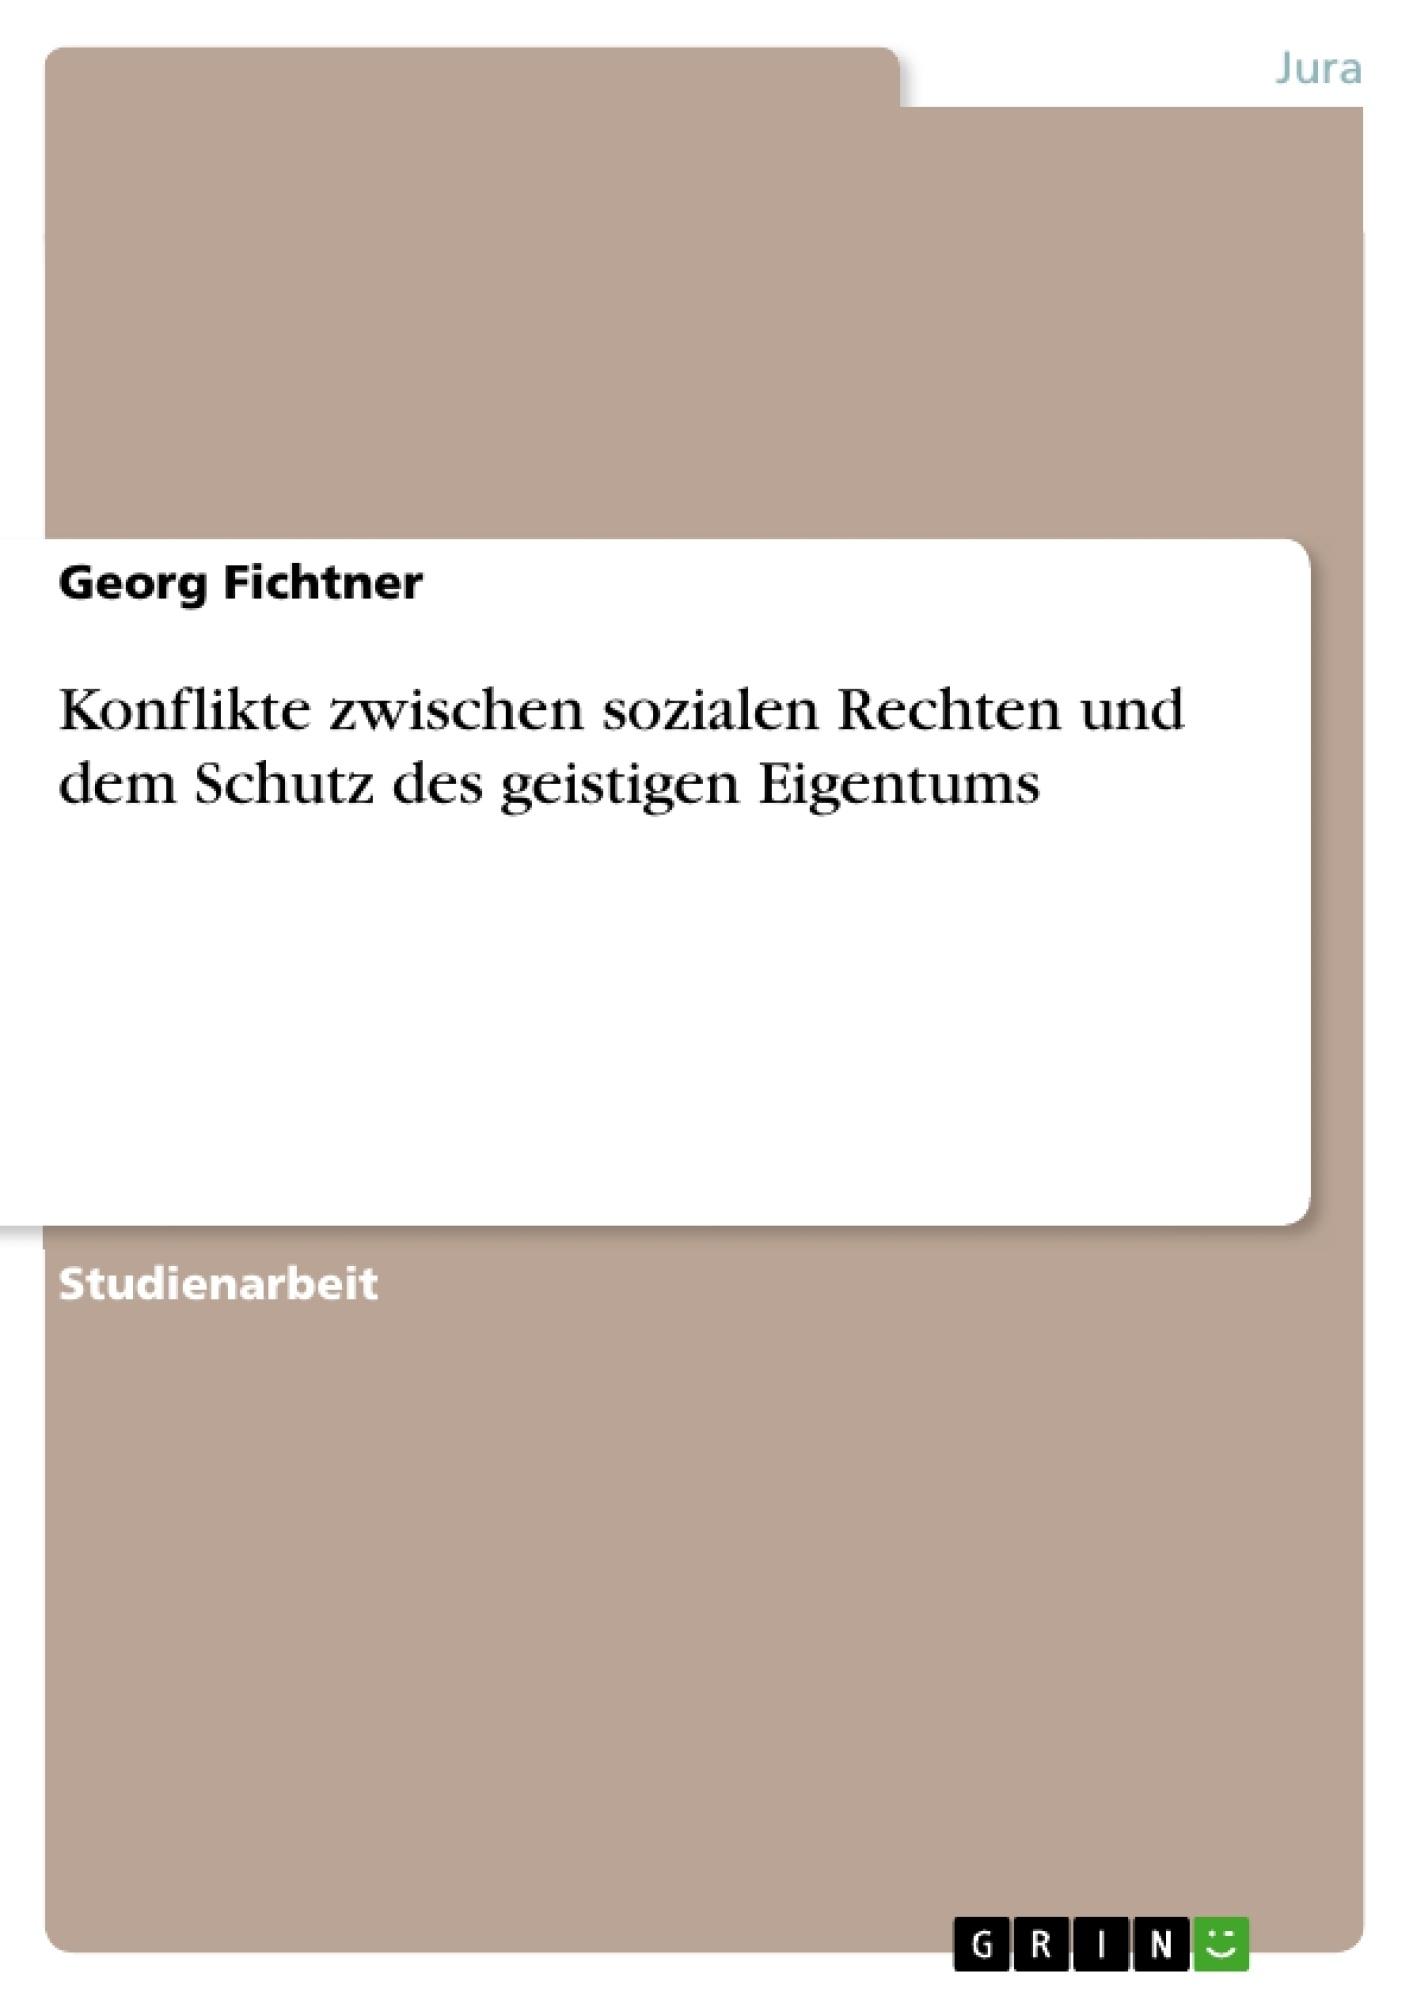 Titel: Konflikte zwischen sozialen Rechten und dem Schutz des geistigen Eigentums